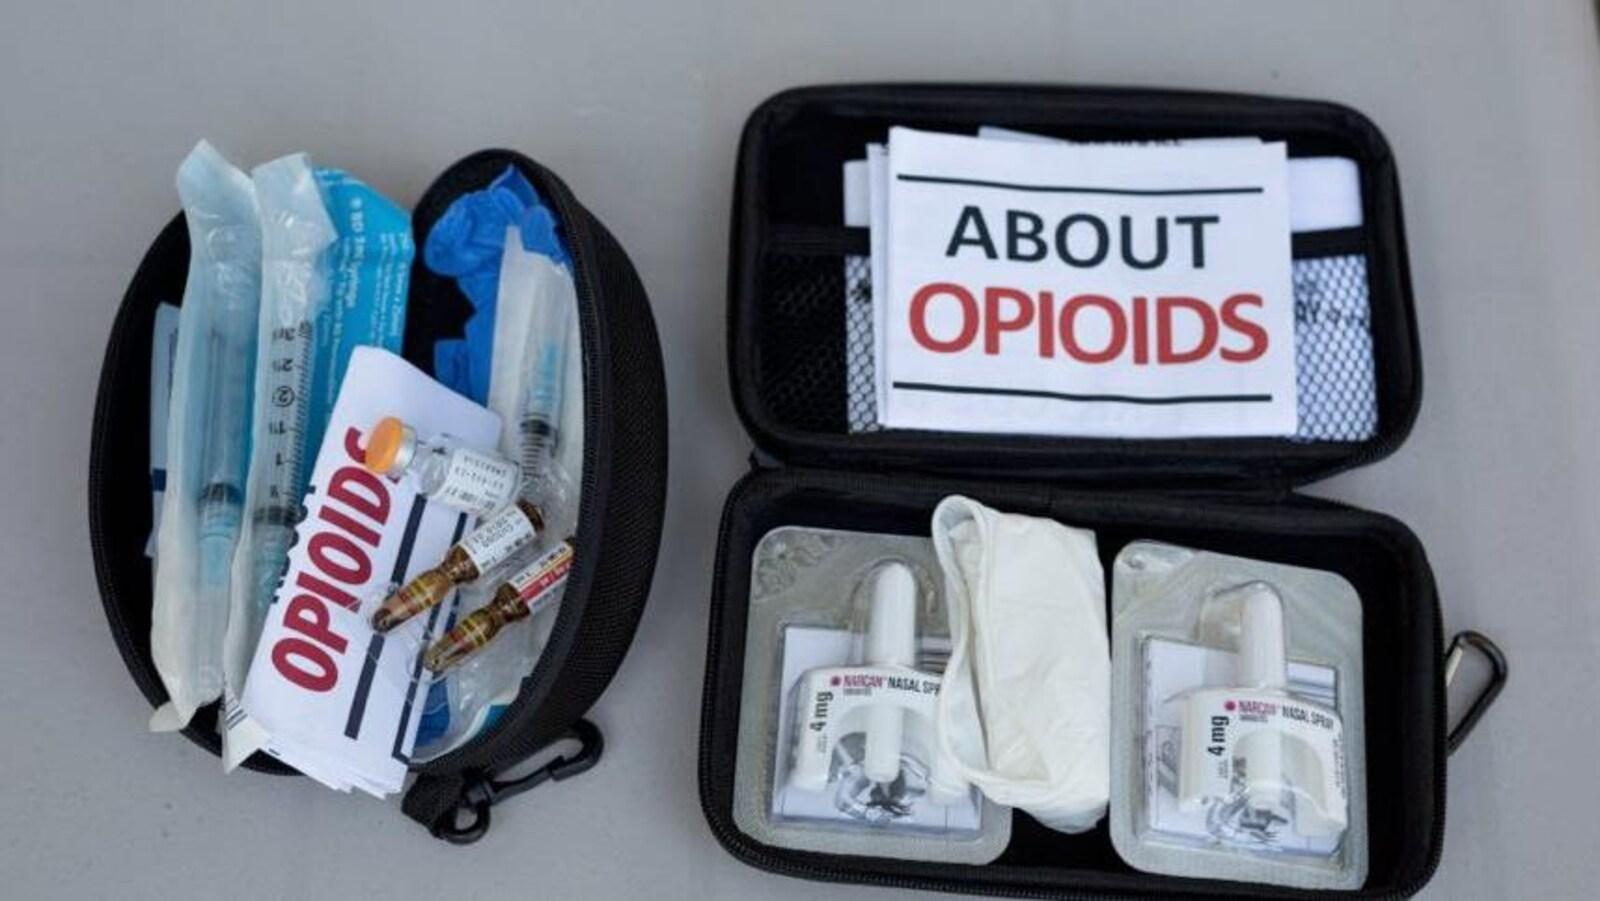 Deux pochettes noires contiennent des seringues et de la drogue.